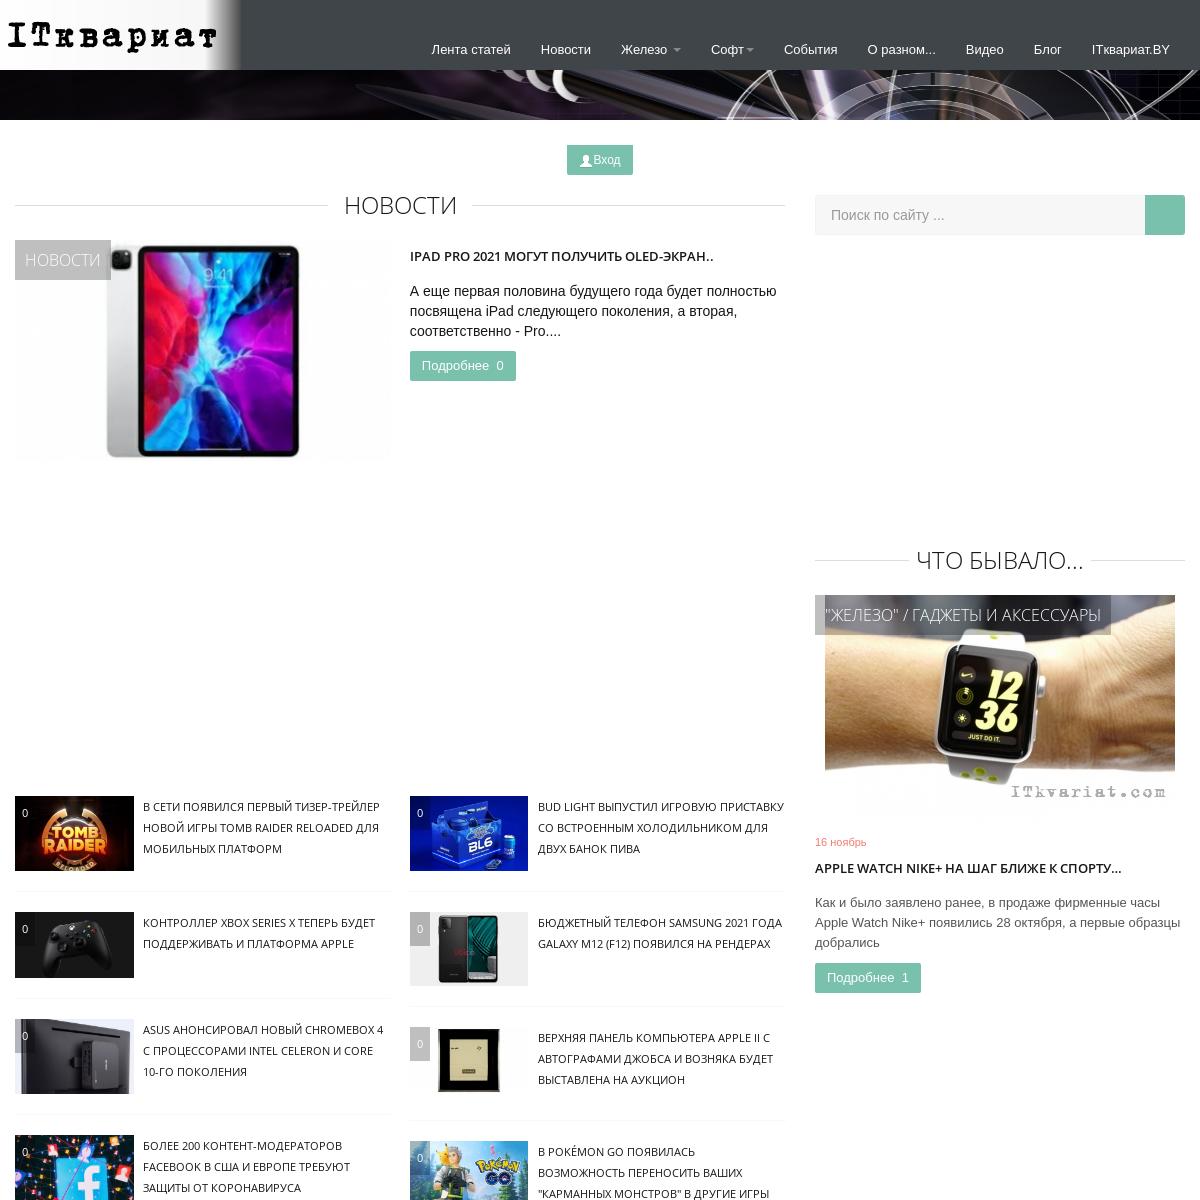 -ITквариат- - новости, статьи и обзоры из мира Hi-Tech